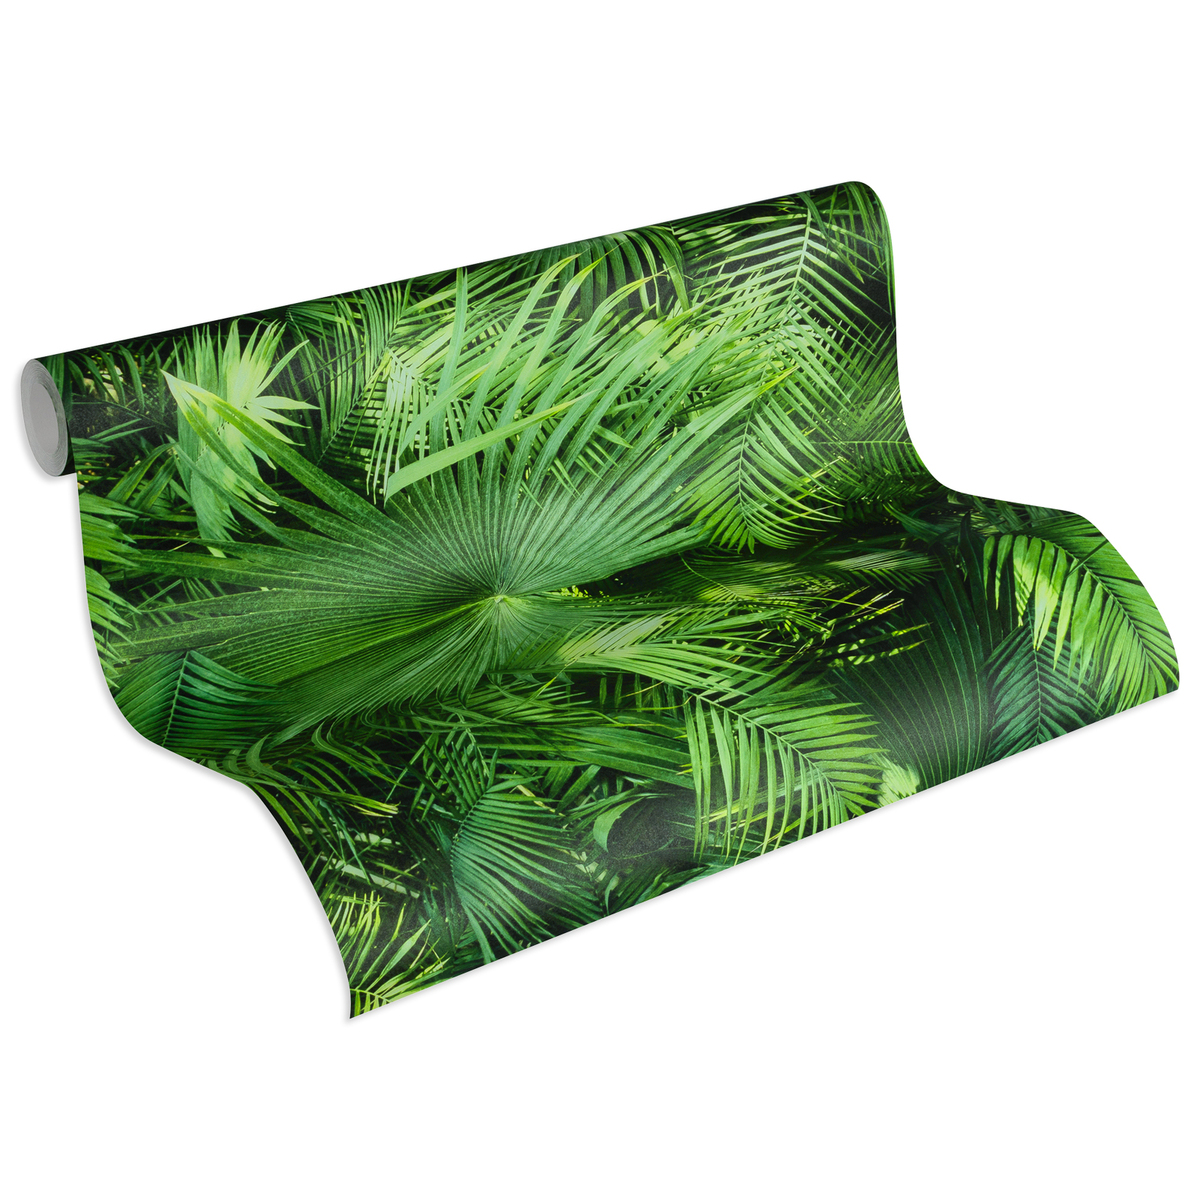 Bild 2 von A.S. Creation NEUE BUDE 2.0 Vliestapete - grün - Blätter - 10 Meter